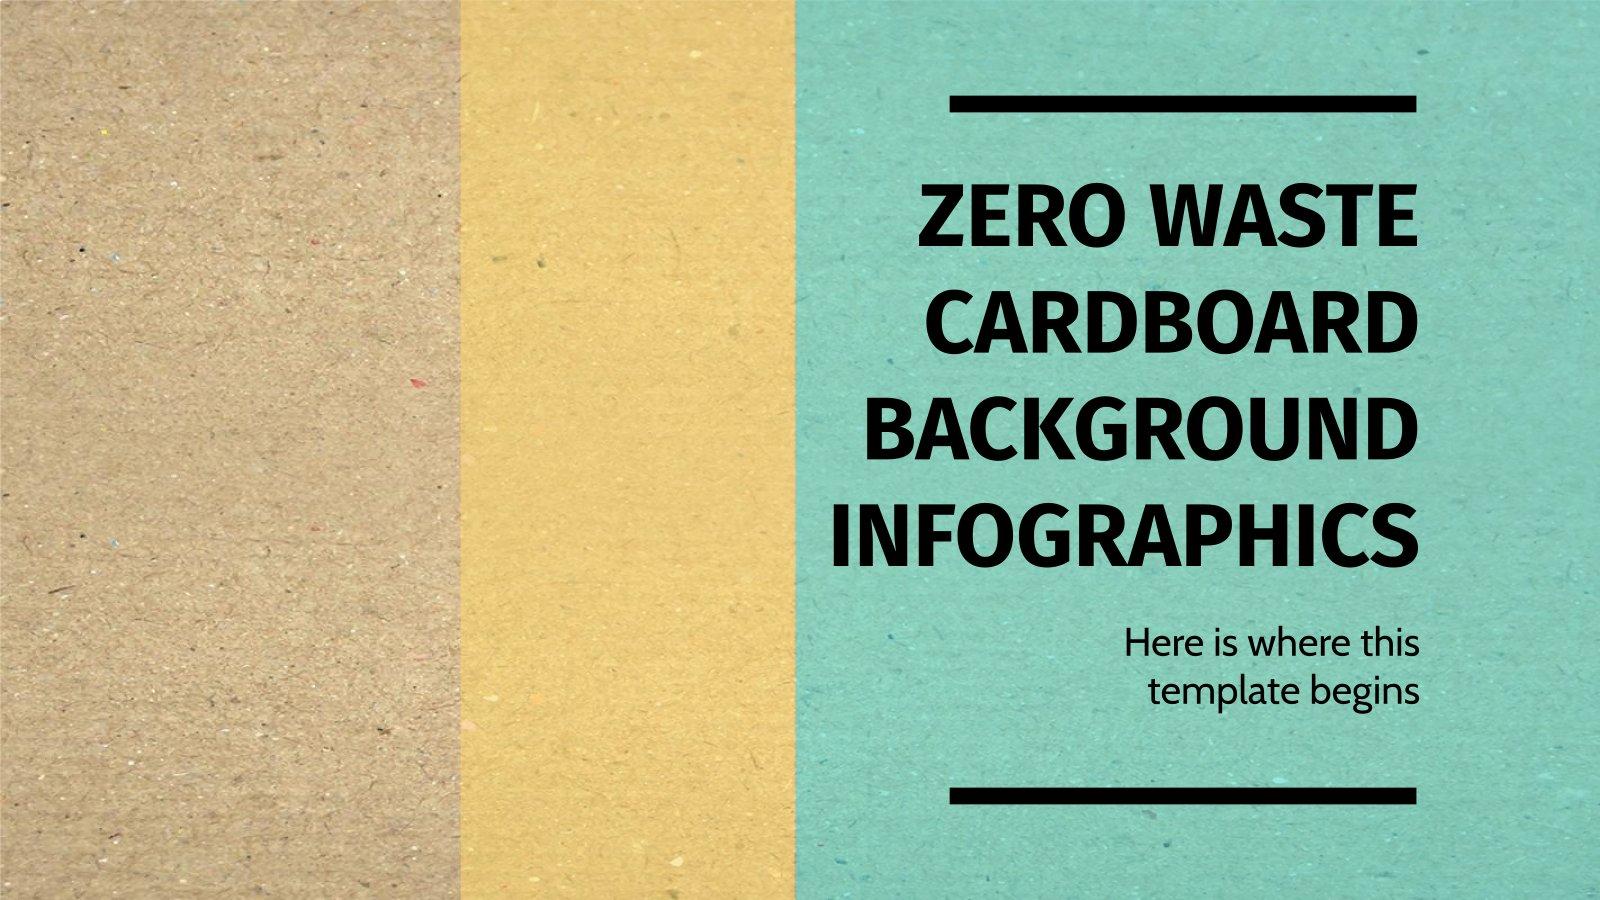 Modelo de apresentação Infográficos fundos de papelão com zero resíduo